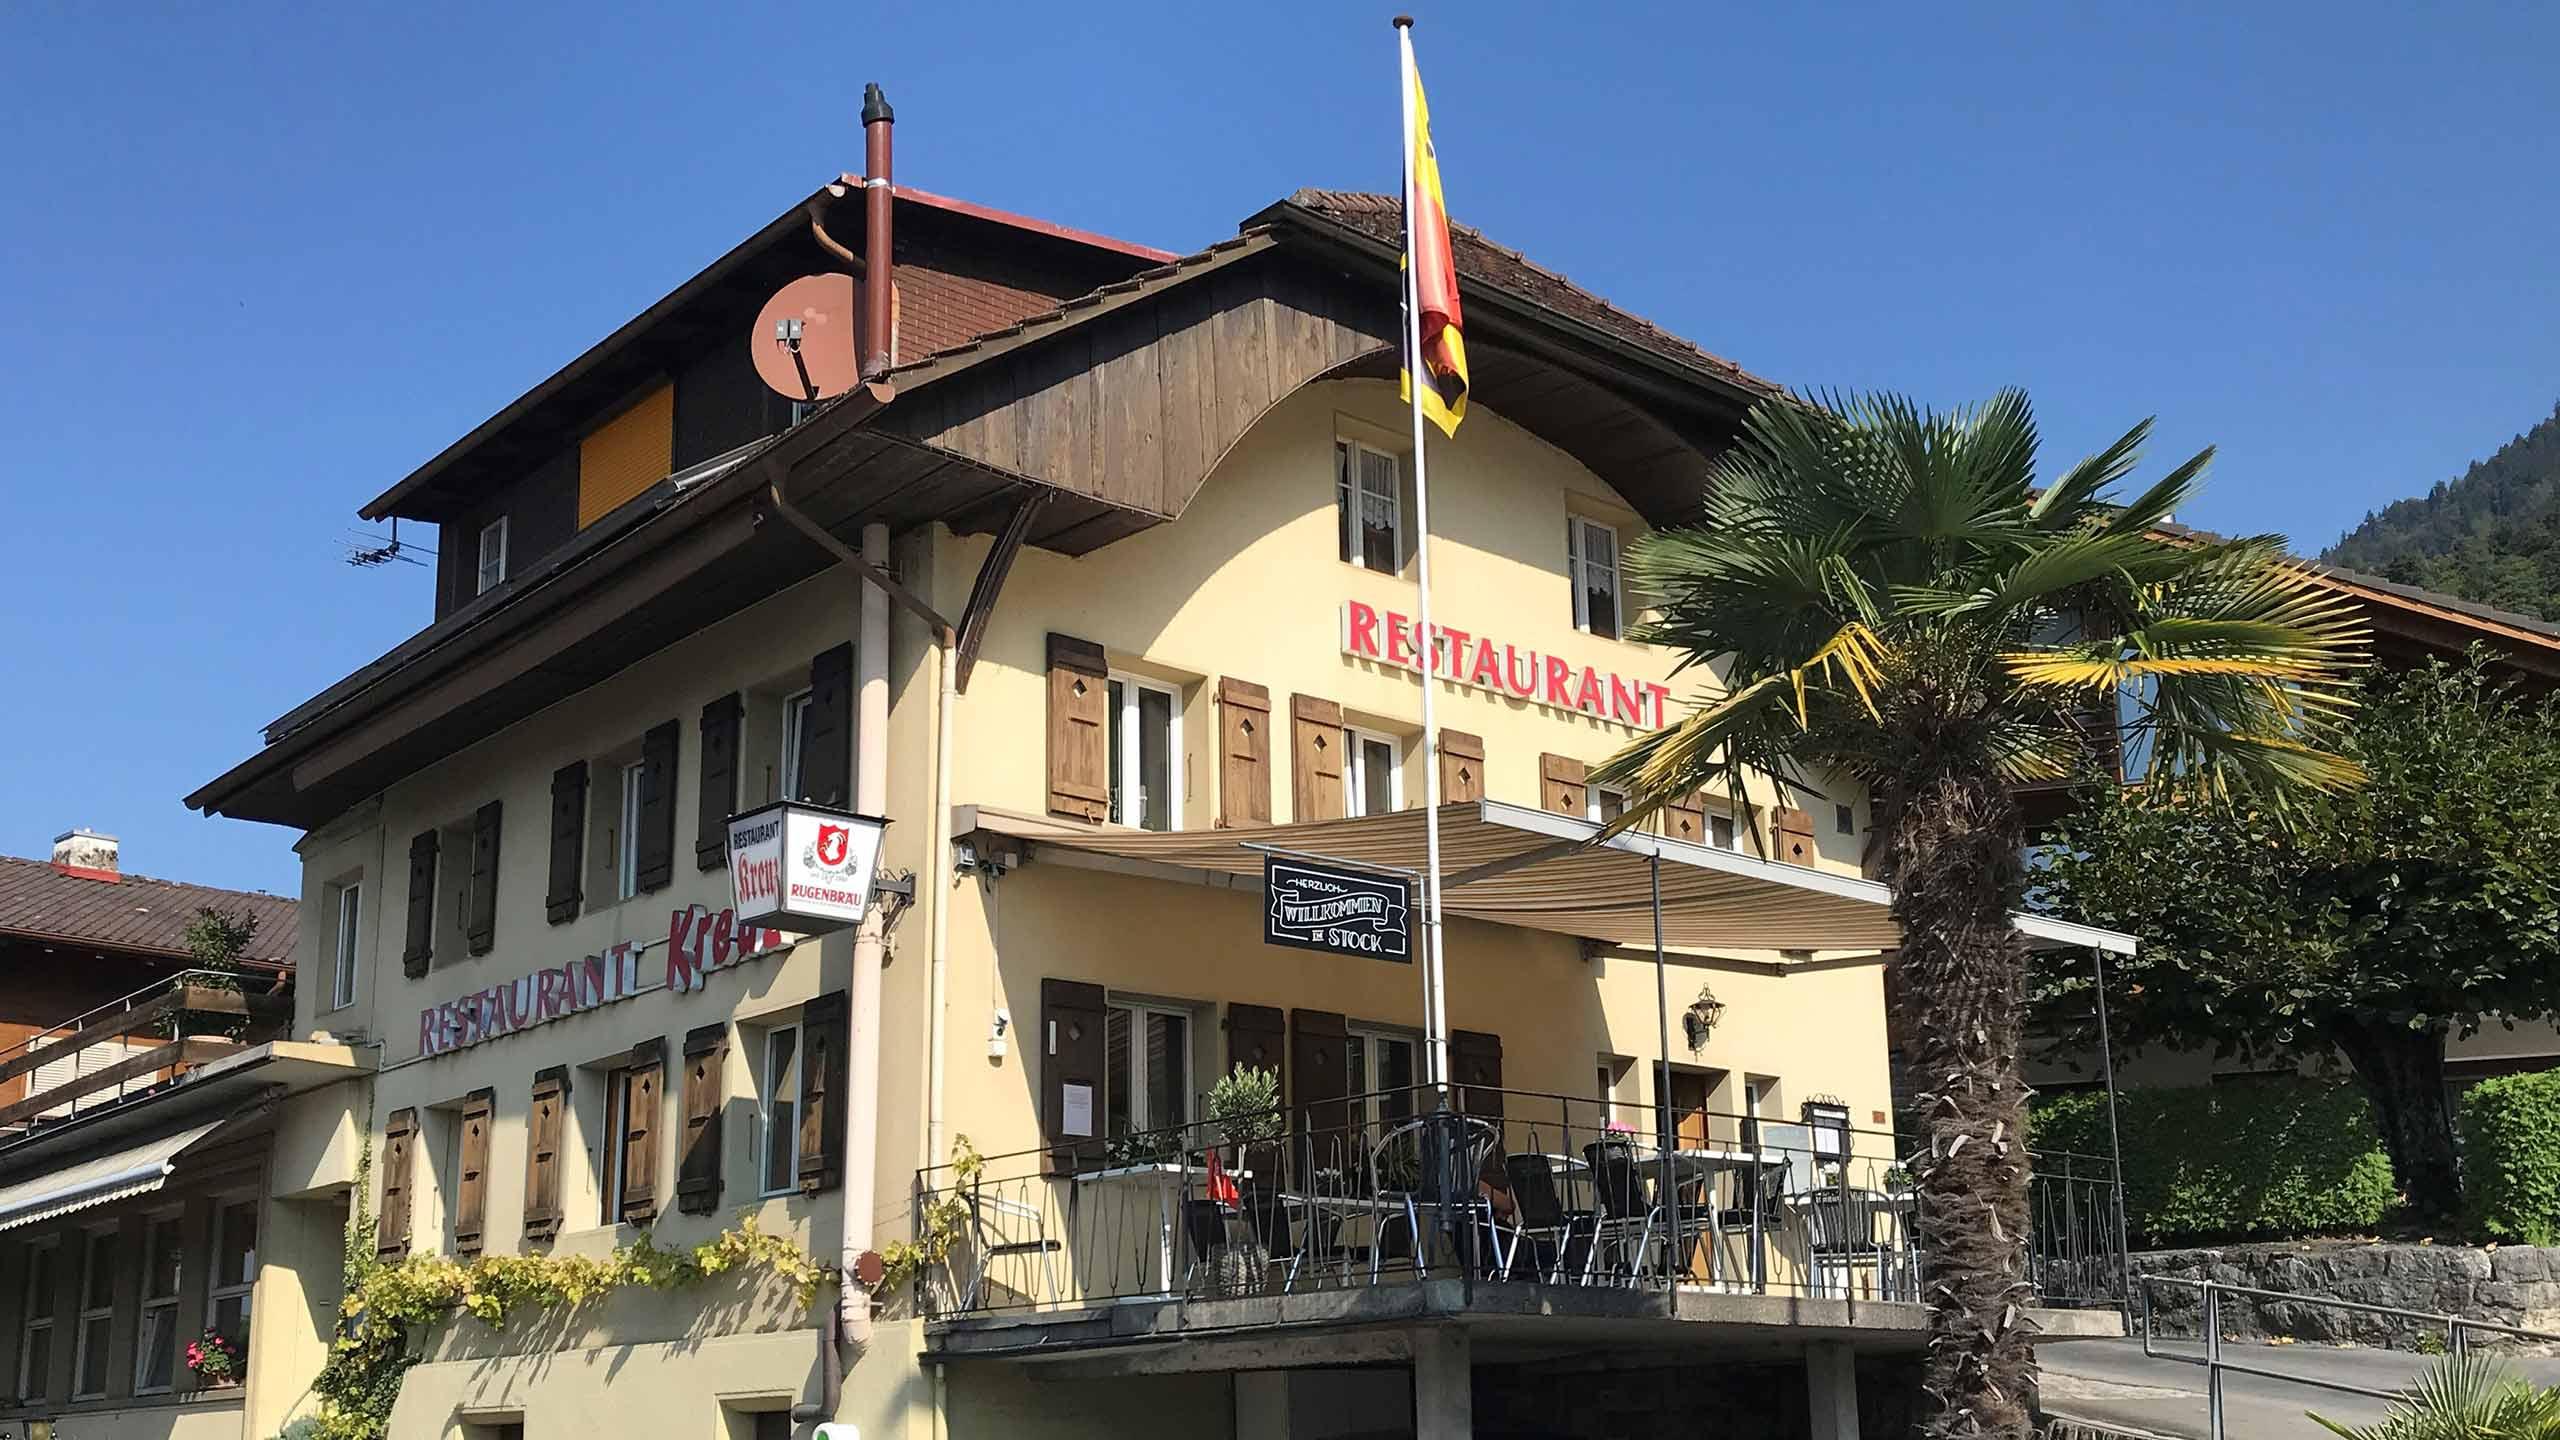 restaurant-kreuz-stock-merligen-aussenansicht-palme-terrasse-gebaeude.jpg